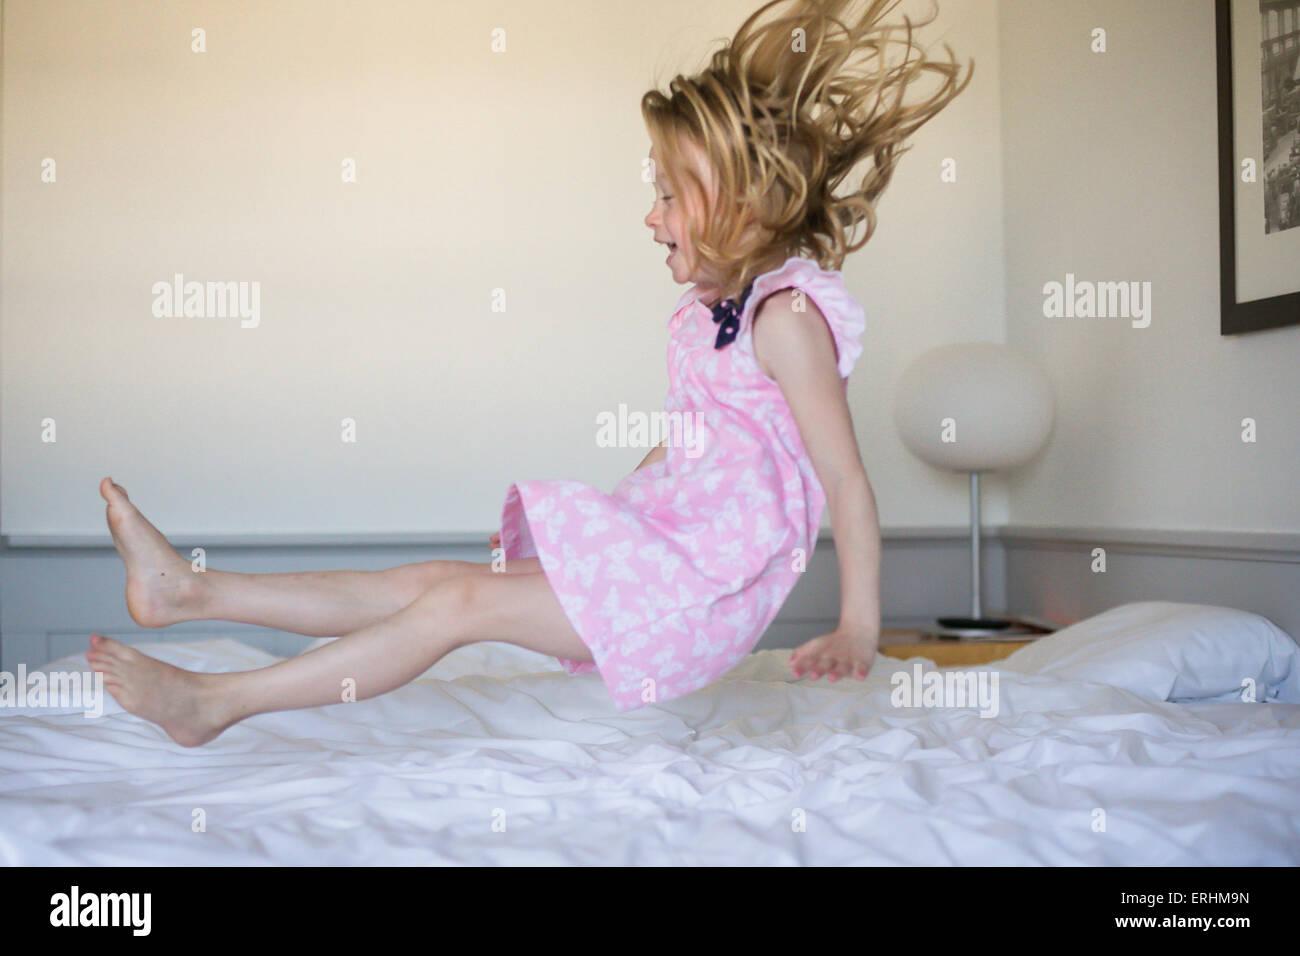 Mädchen auf ihrem Bett hüpfen Stockbild